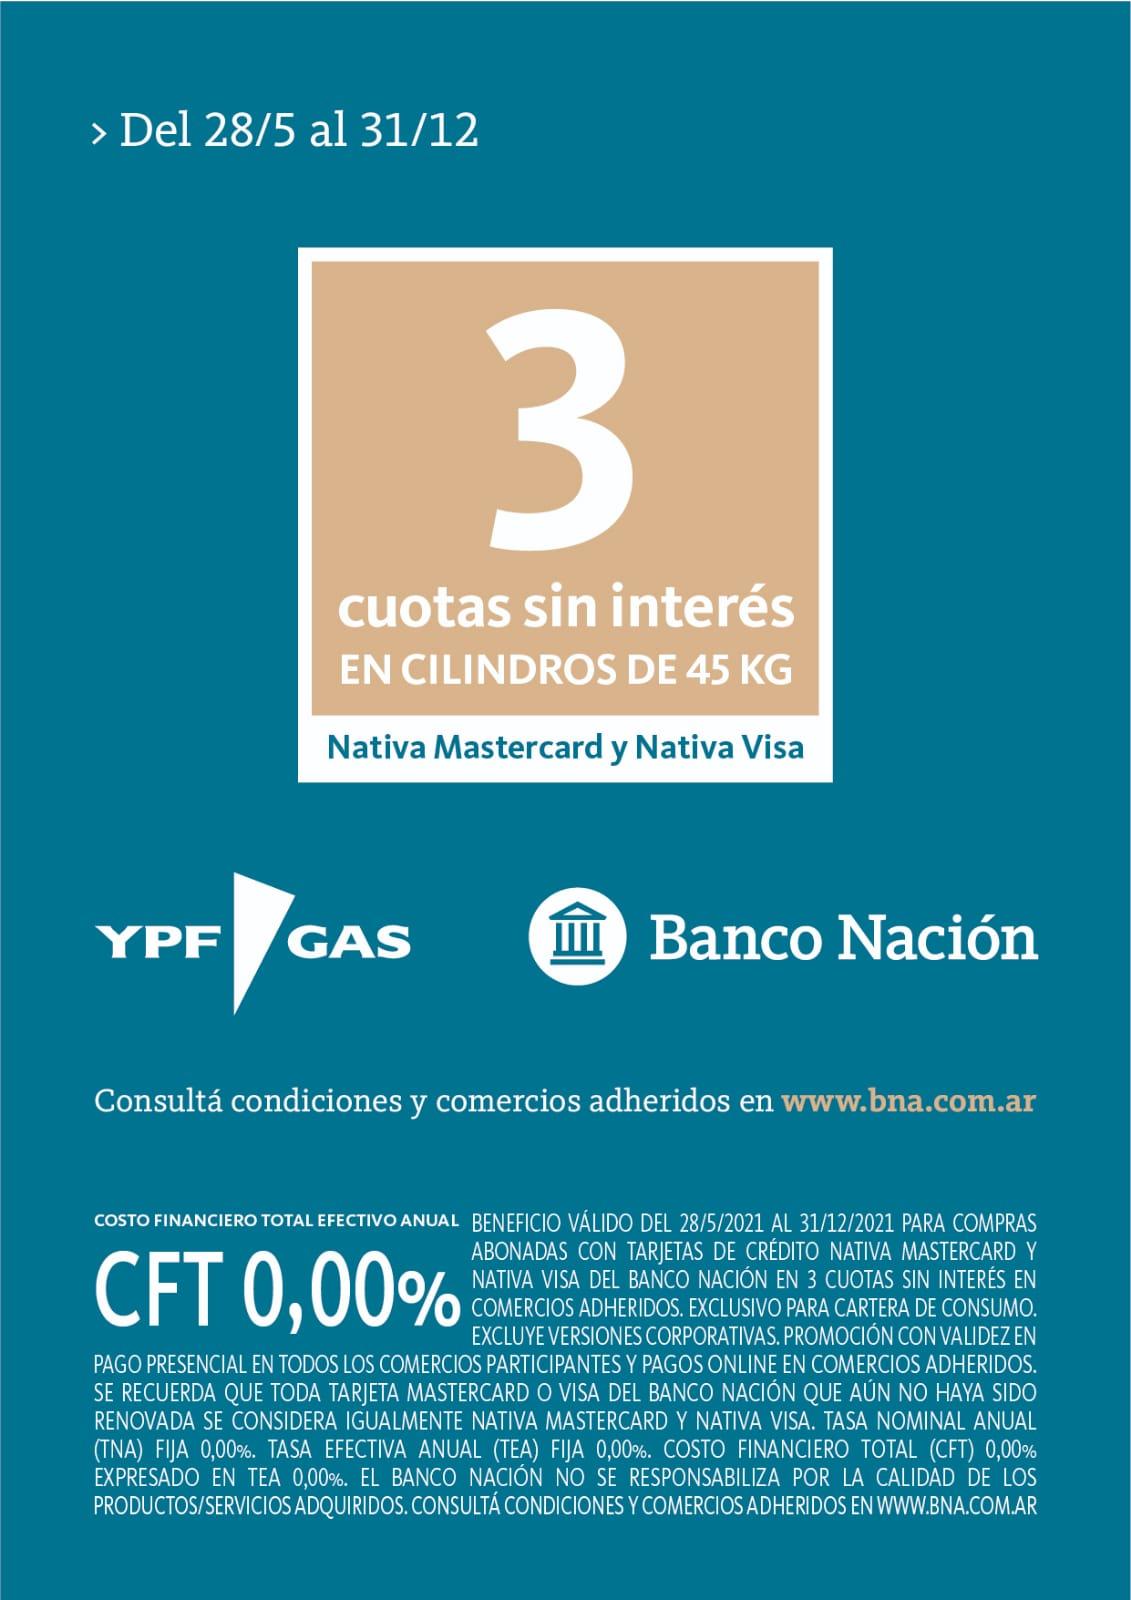 Promoción de YPF Gas y Banco Nación: Cilindros en 3 cuotas sin interés